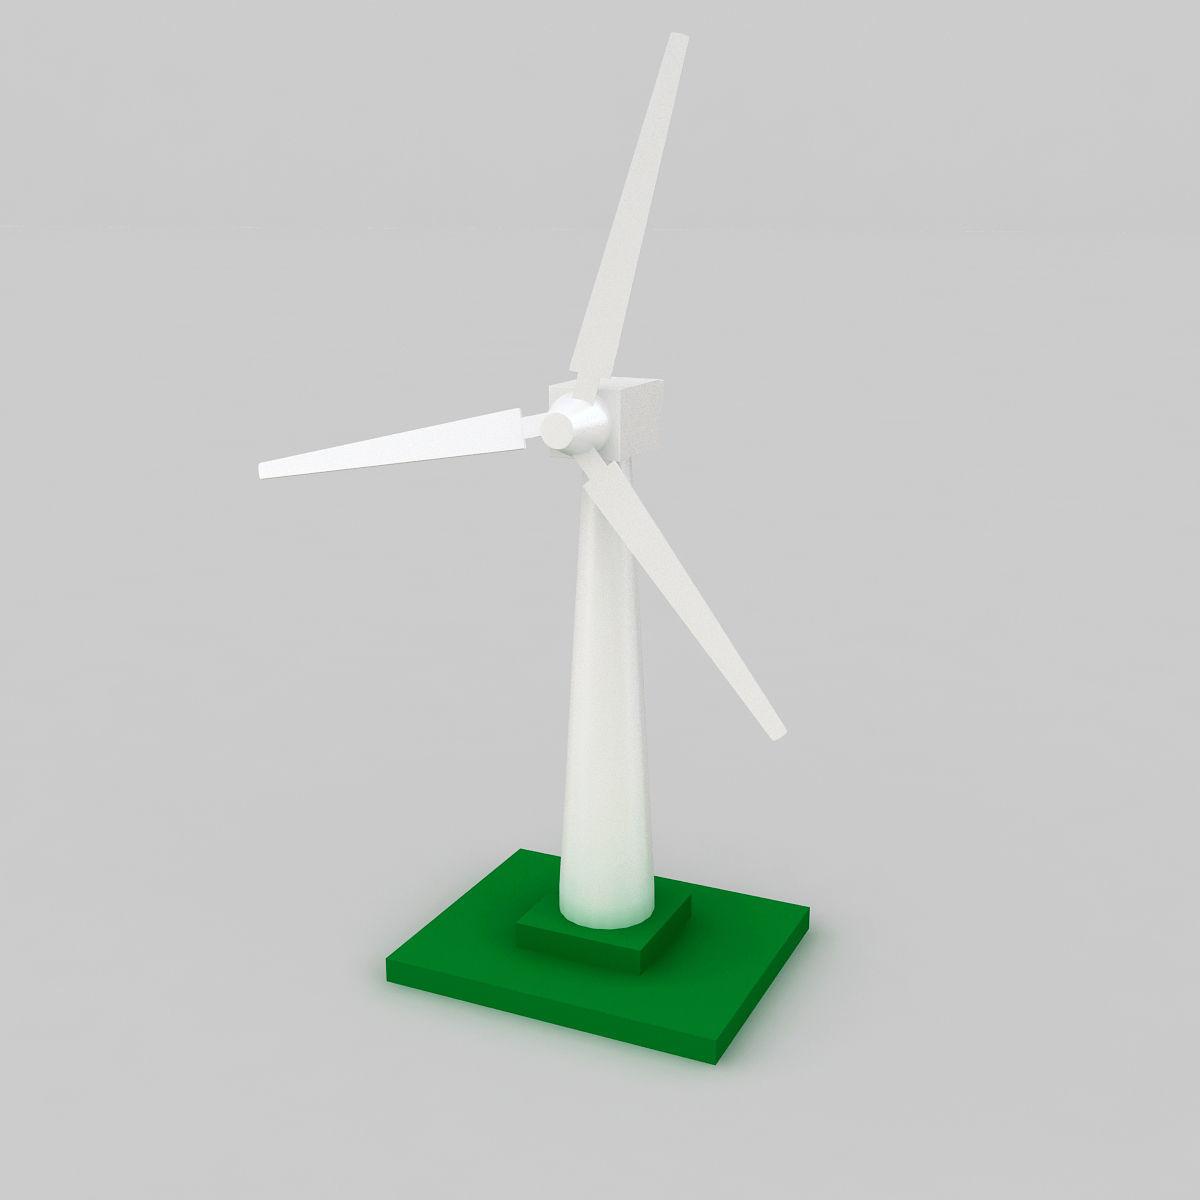 Wind Turbine | 3D model